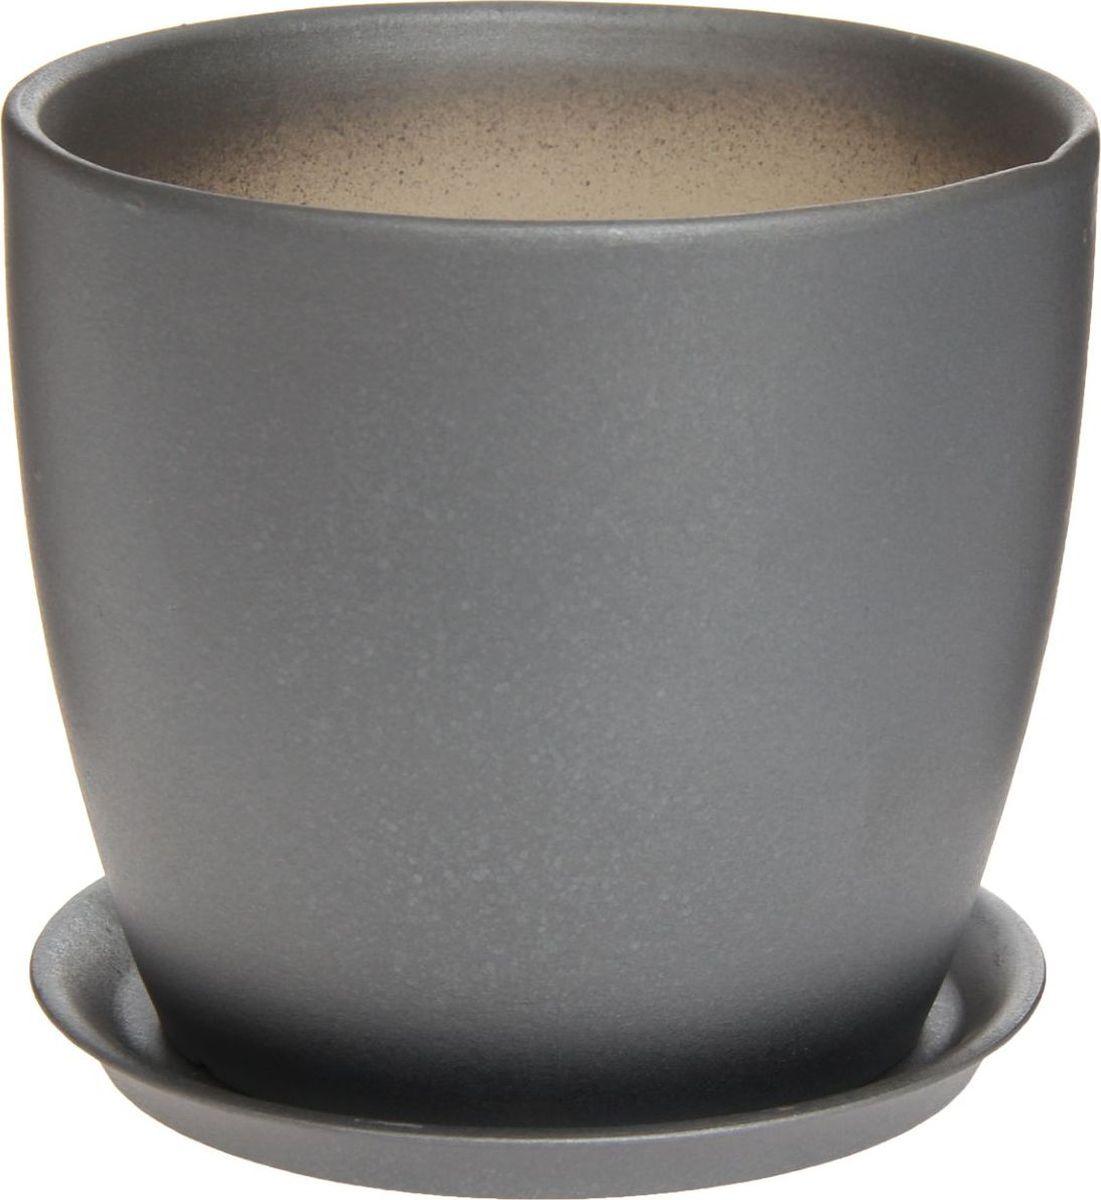 Кашпо Керамика ручной работы Осень. Перламутр, цвет: черный, 3 л1170363Комнатные растения — всеобщие любимцы. Они радуют глаз, насыщают помещение кислородом и украшают пространство. Каждому из них необходим свой удобный и красивый дом. Кашпо из керамики прекрасно подходят для высадки растений: за счёт пластичности глины и разных способов обработки существует великое множество форм и дизайновпористый материал позволяет испаряться лишней влагевоздух, необходимый для дыхания корней, проникает сквозь керамические стенки! #name# позаботится о зелёном питомце, освежит интерьер и подчеркнёт его стиль.